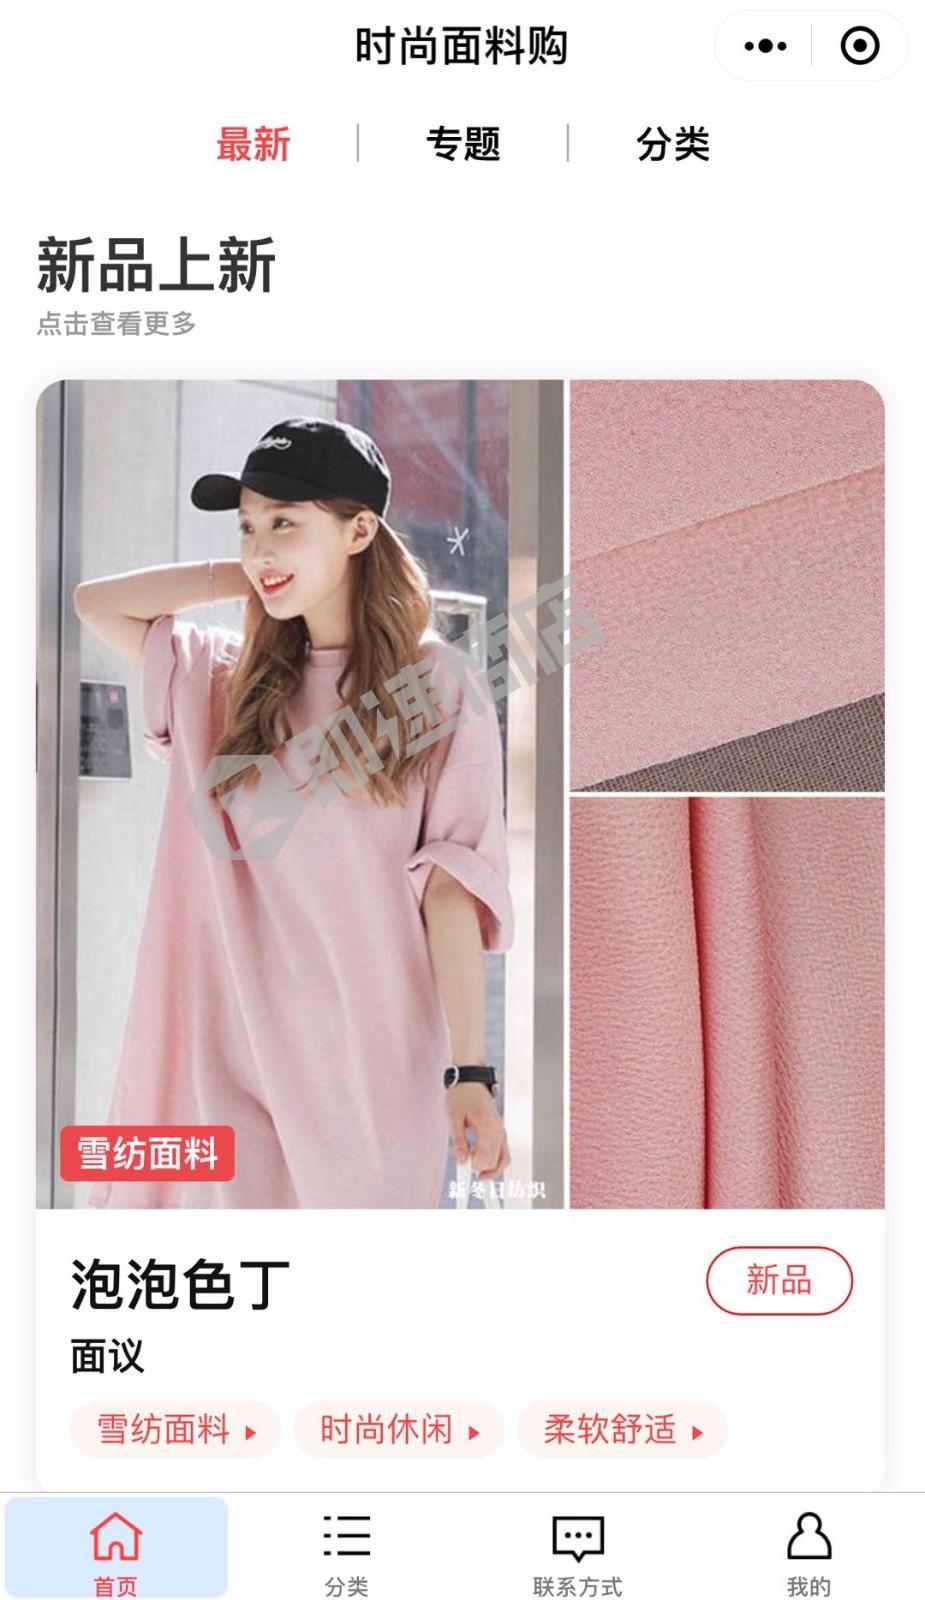 时尚面料生活馆小程序详情页截图